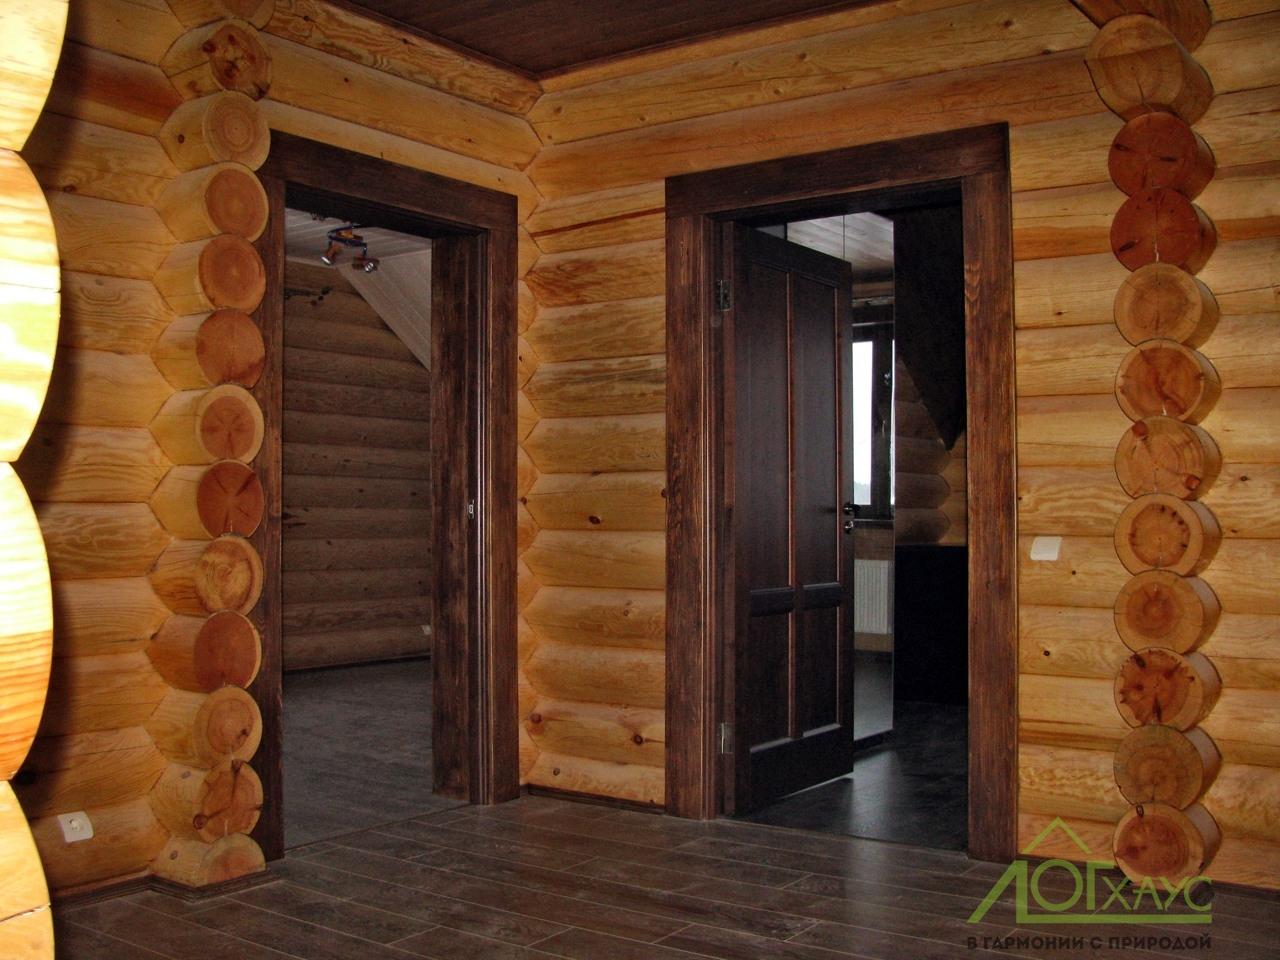 Внутренняя отделка дома из бревен